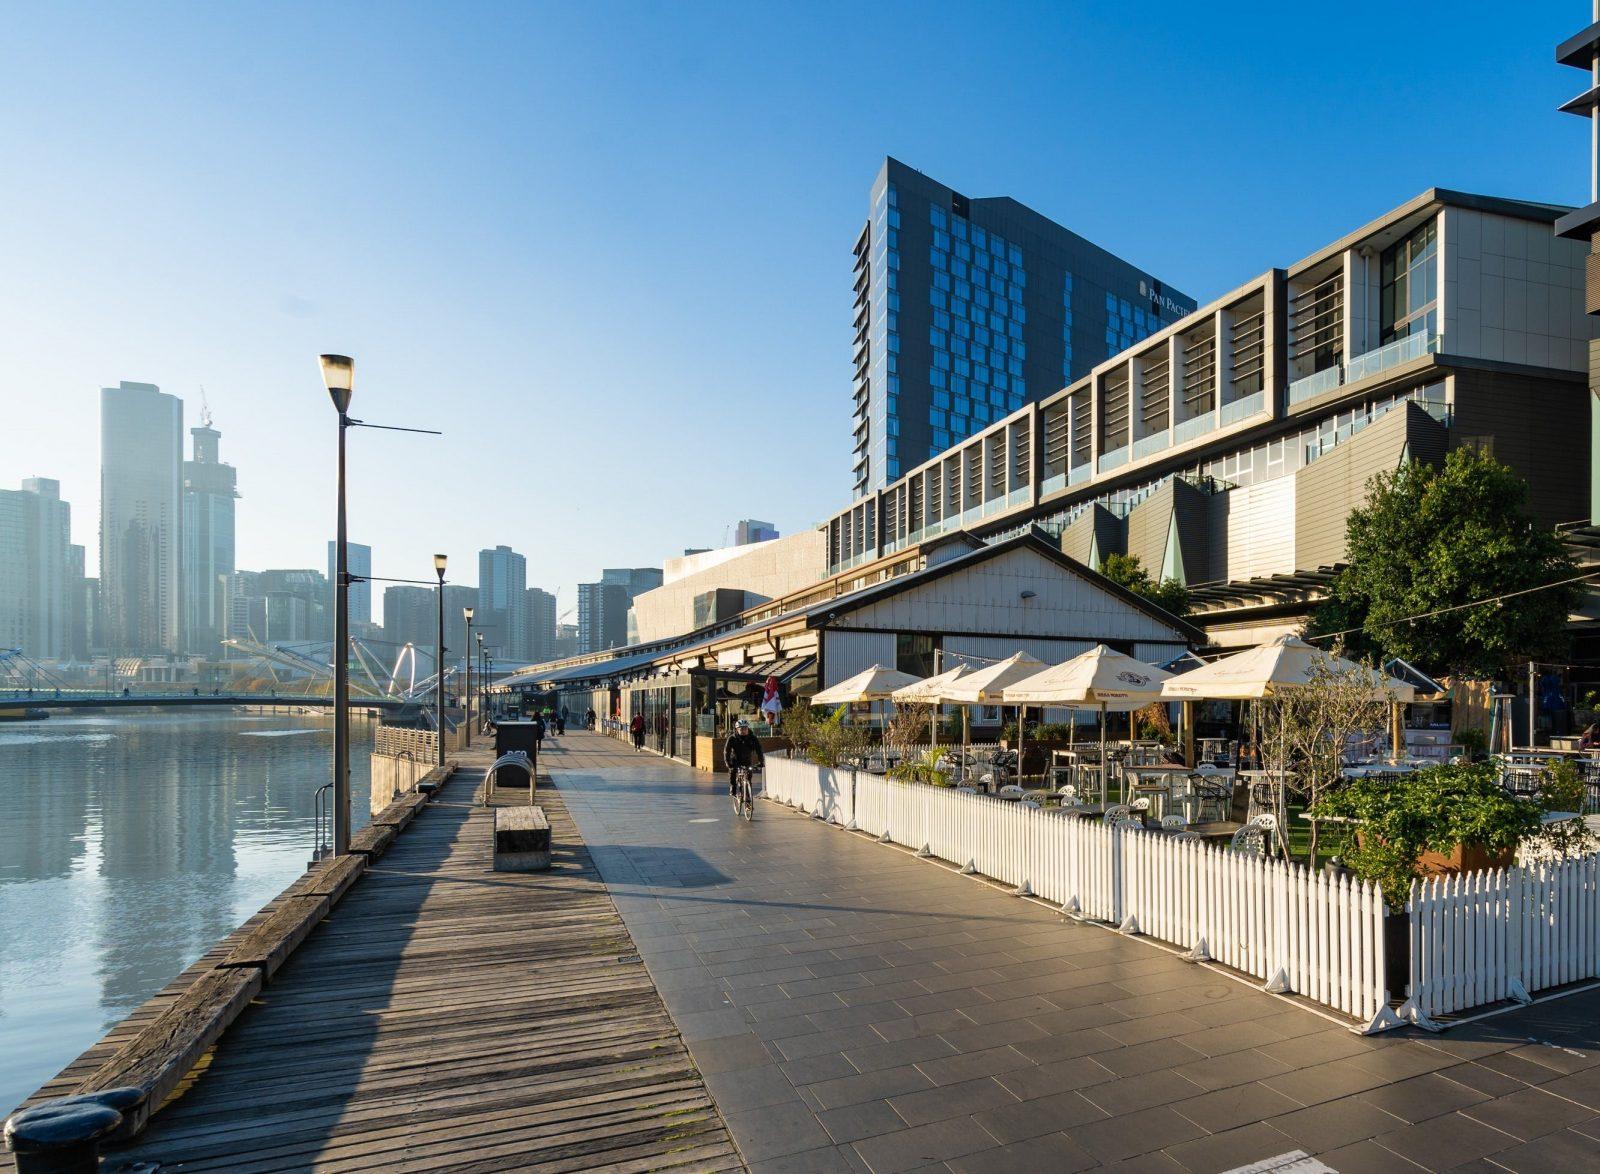 South Wharf